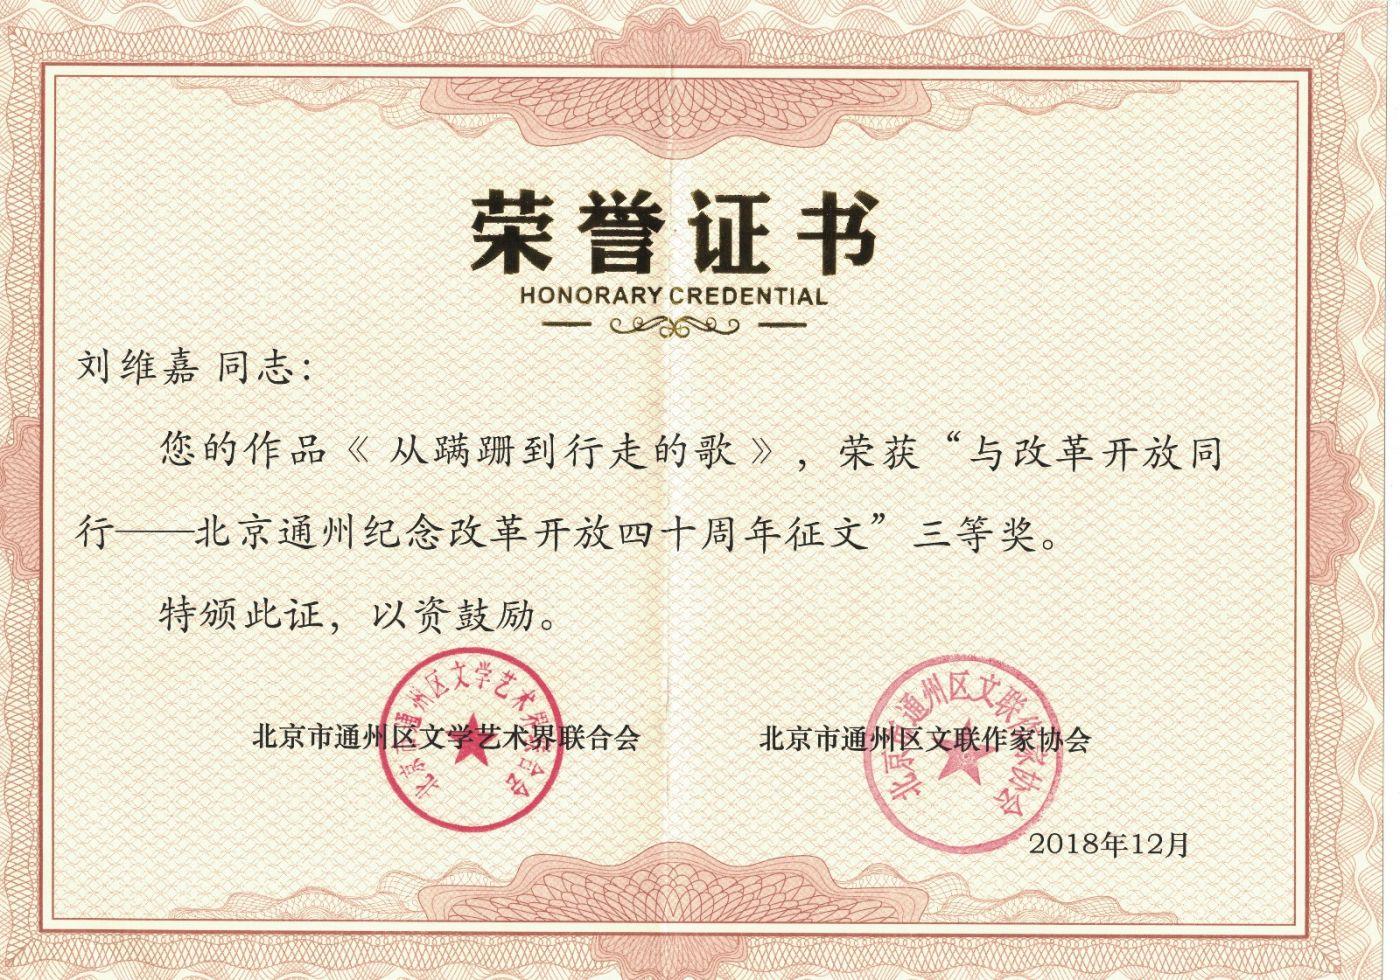 刘维嘉的《从蹒跚到行走的歌》荣获征文奖_图1-1